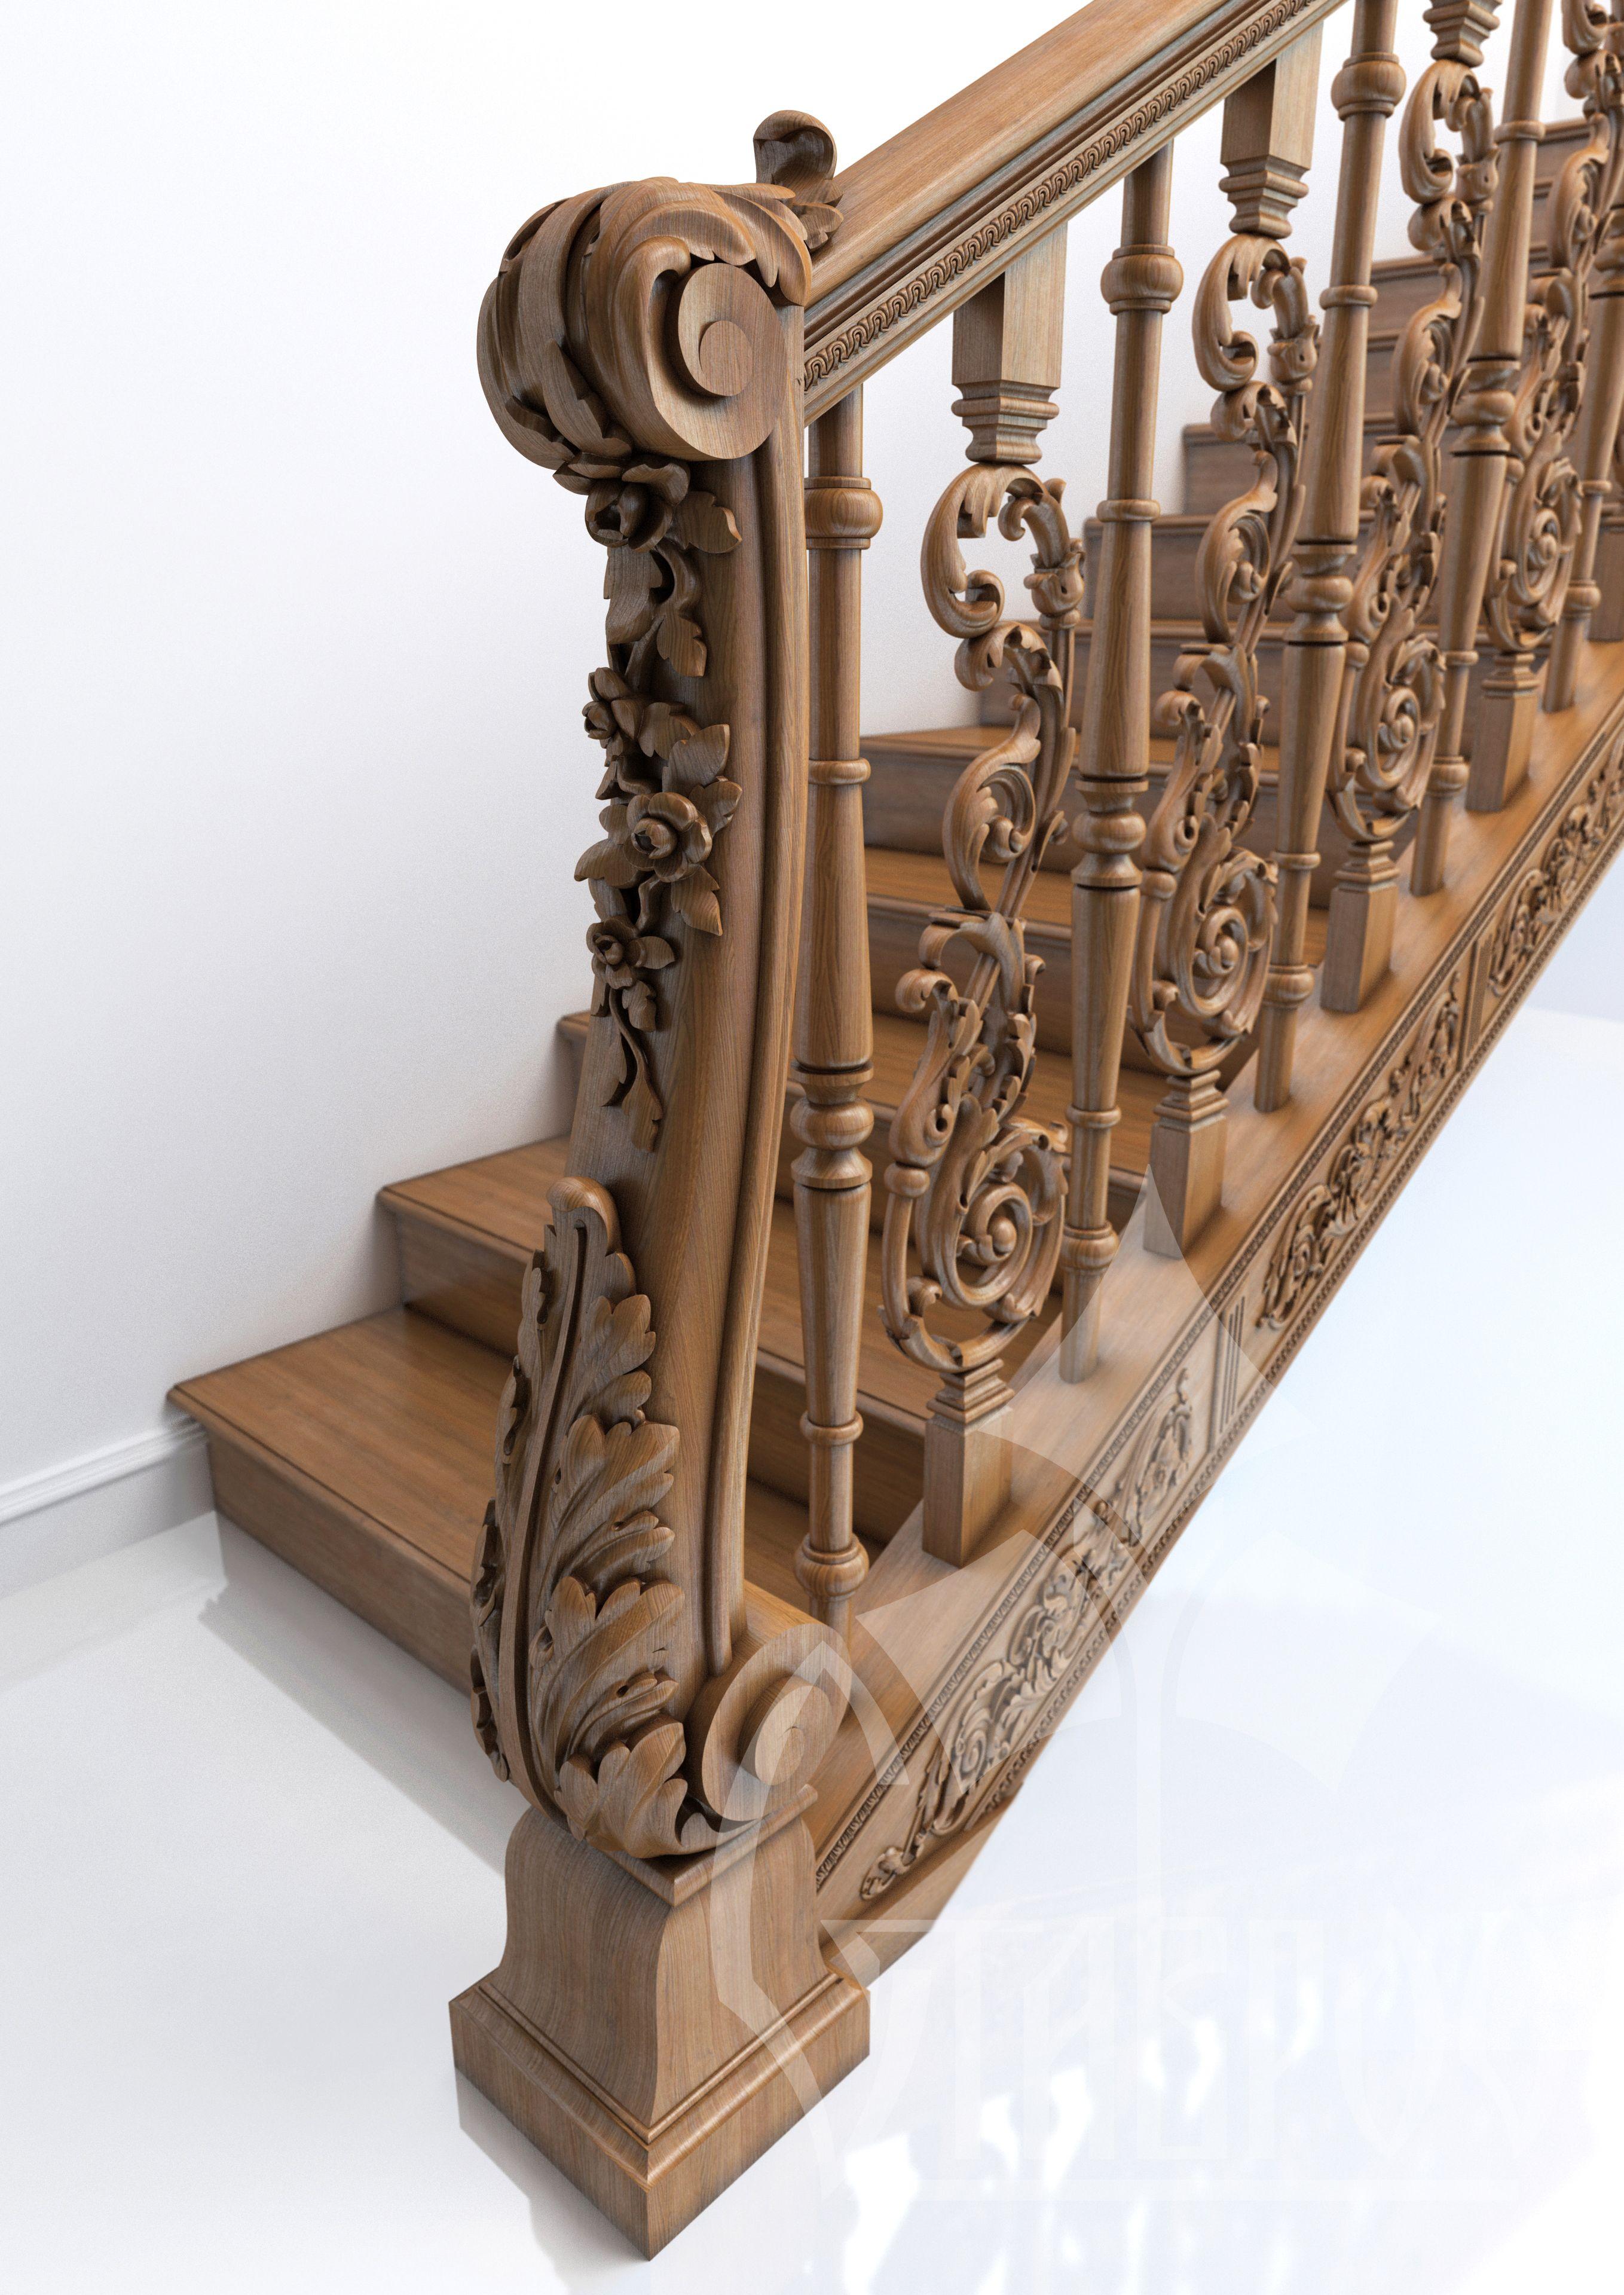 соединенных резные изделия на лестницу фото основном они используются